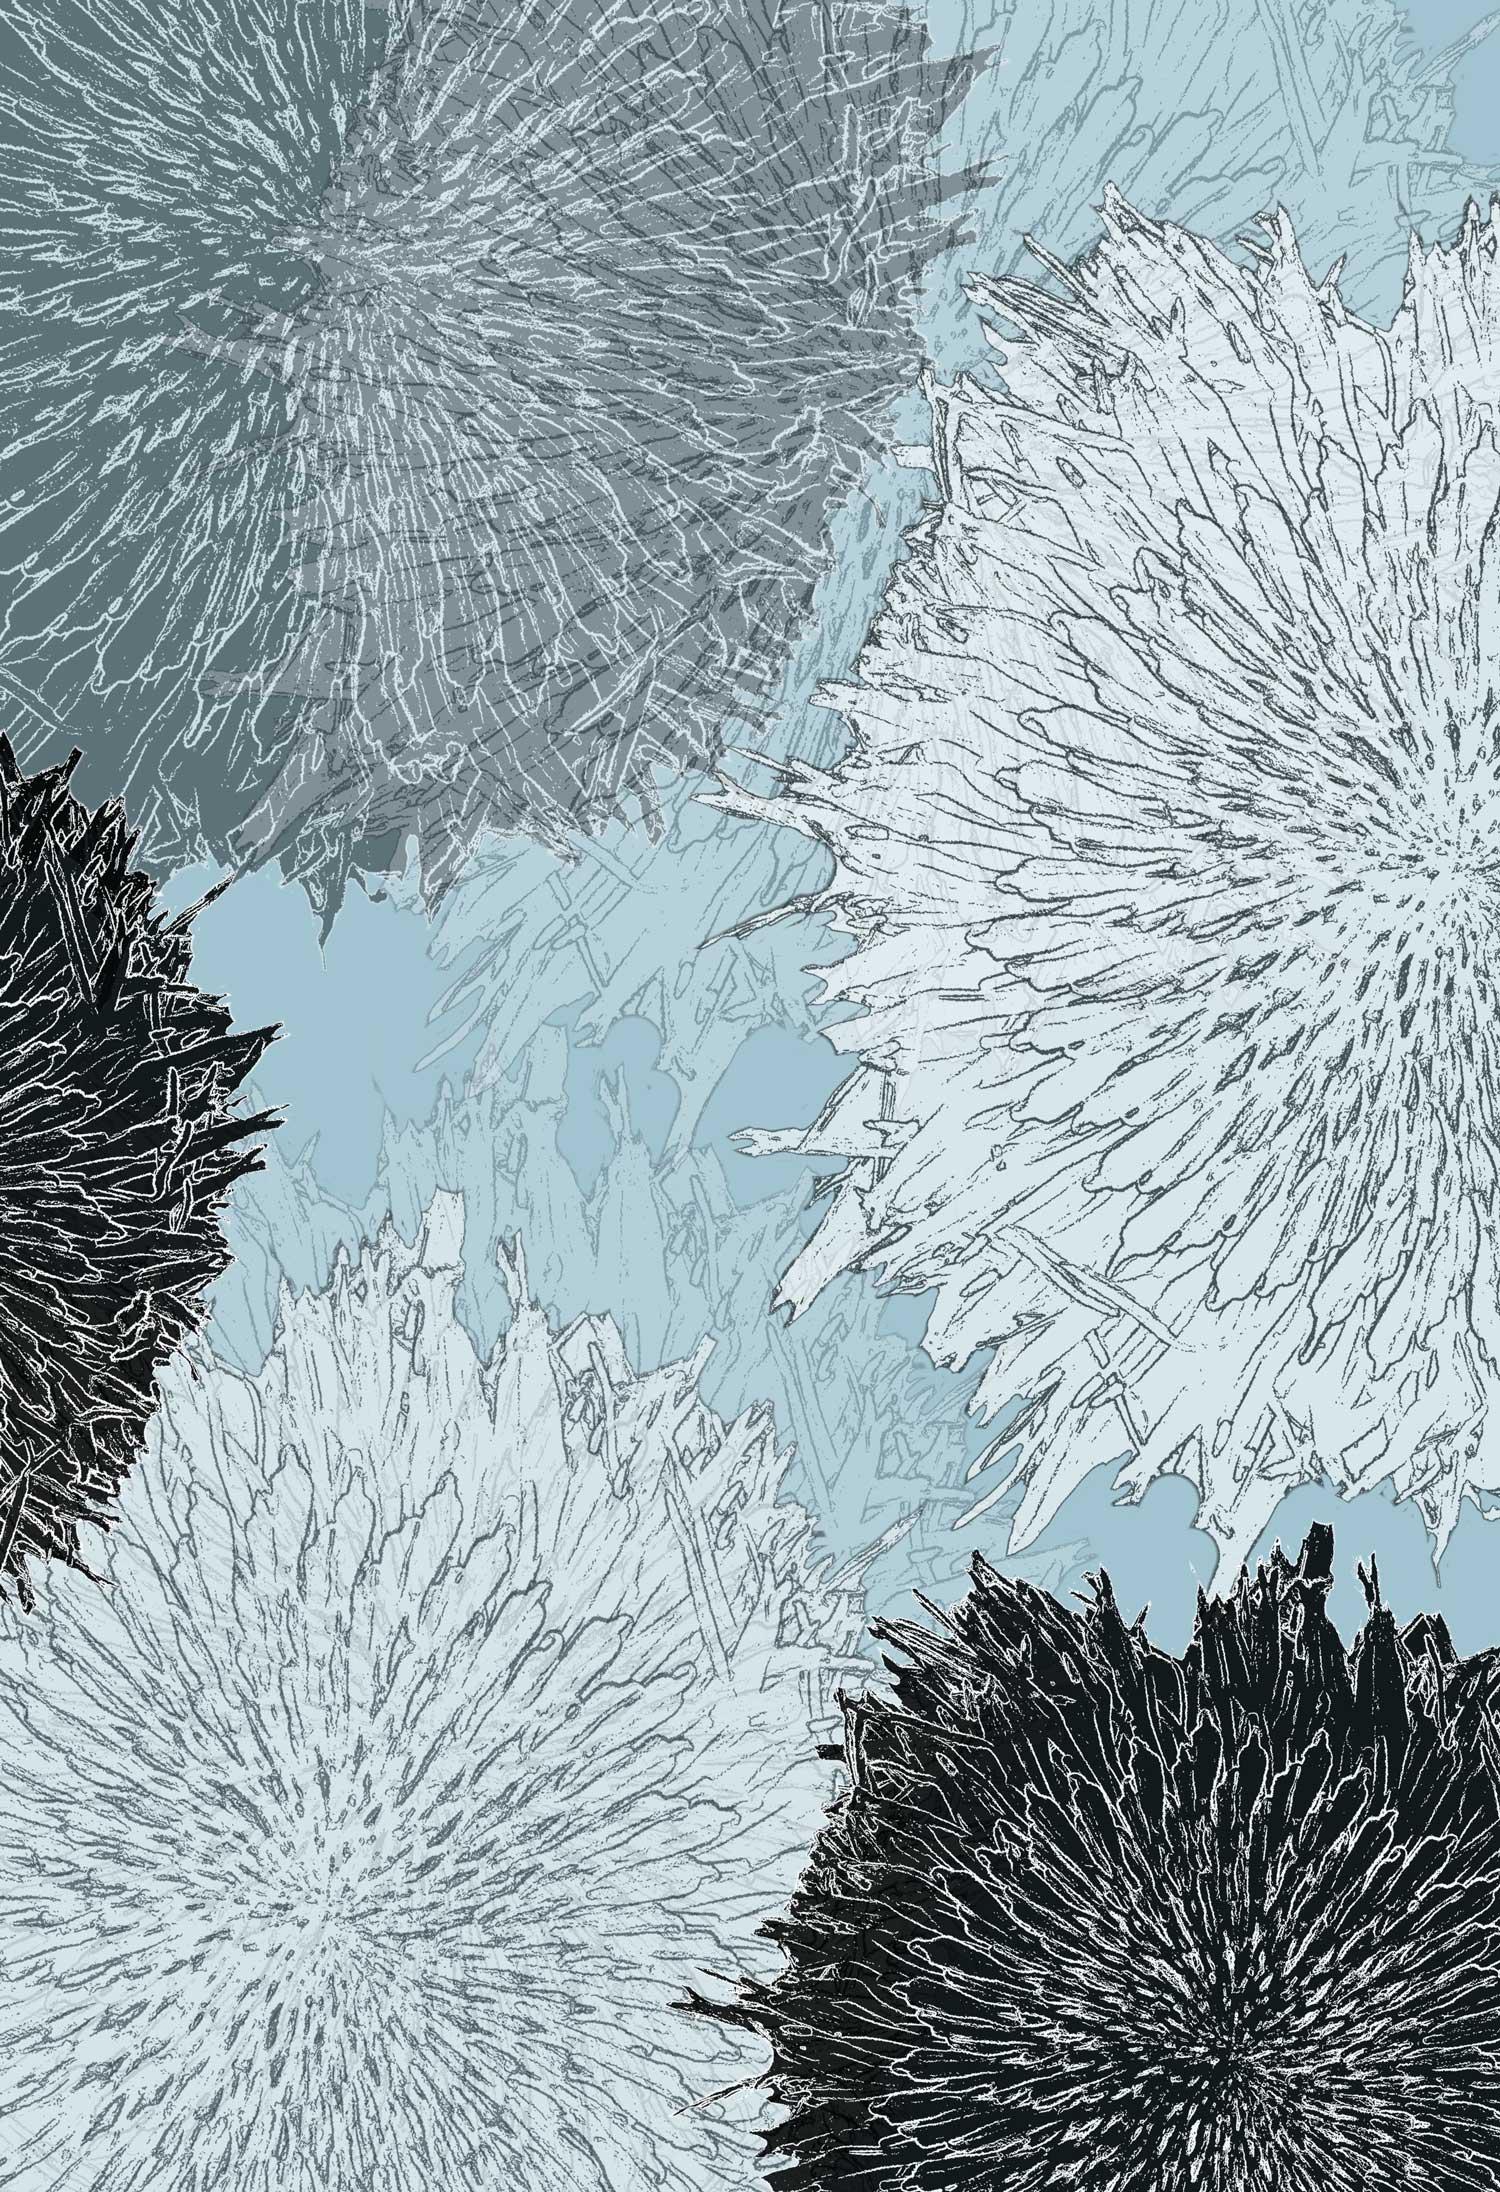 SNOW FLOWER, Chilly Blue  ©  Karen Gearhart-Jensen relatingtonature.com